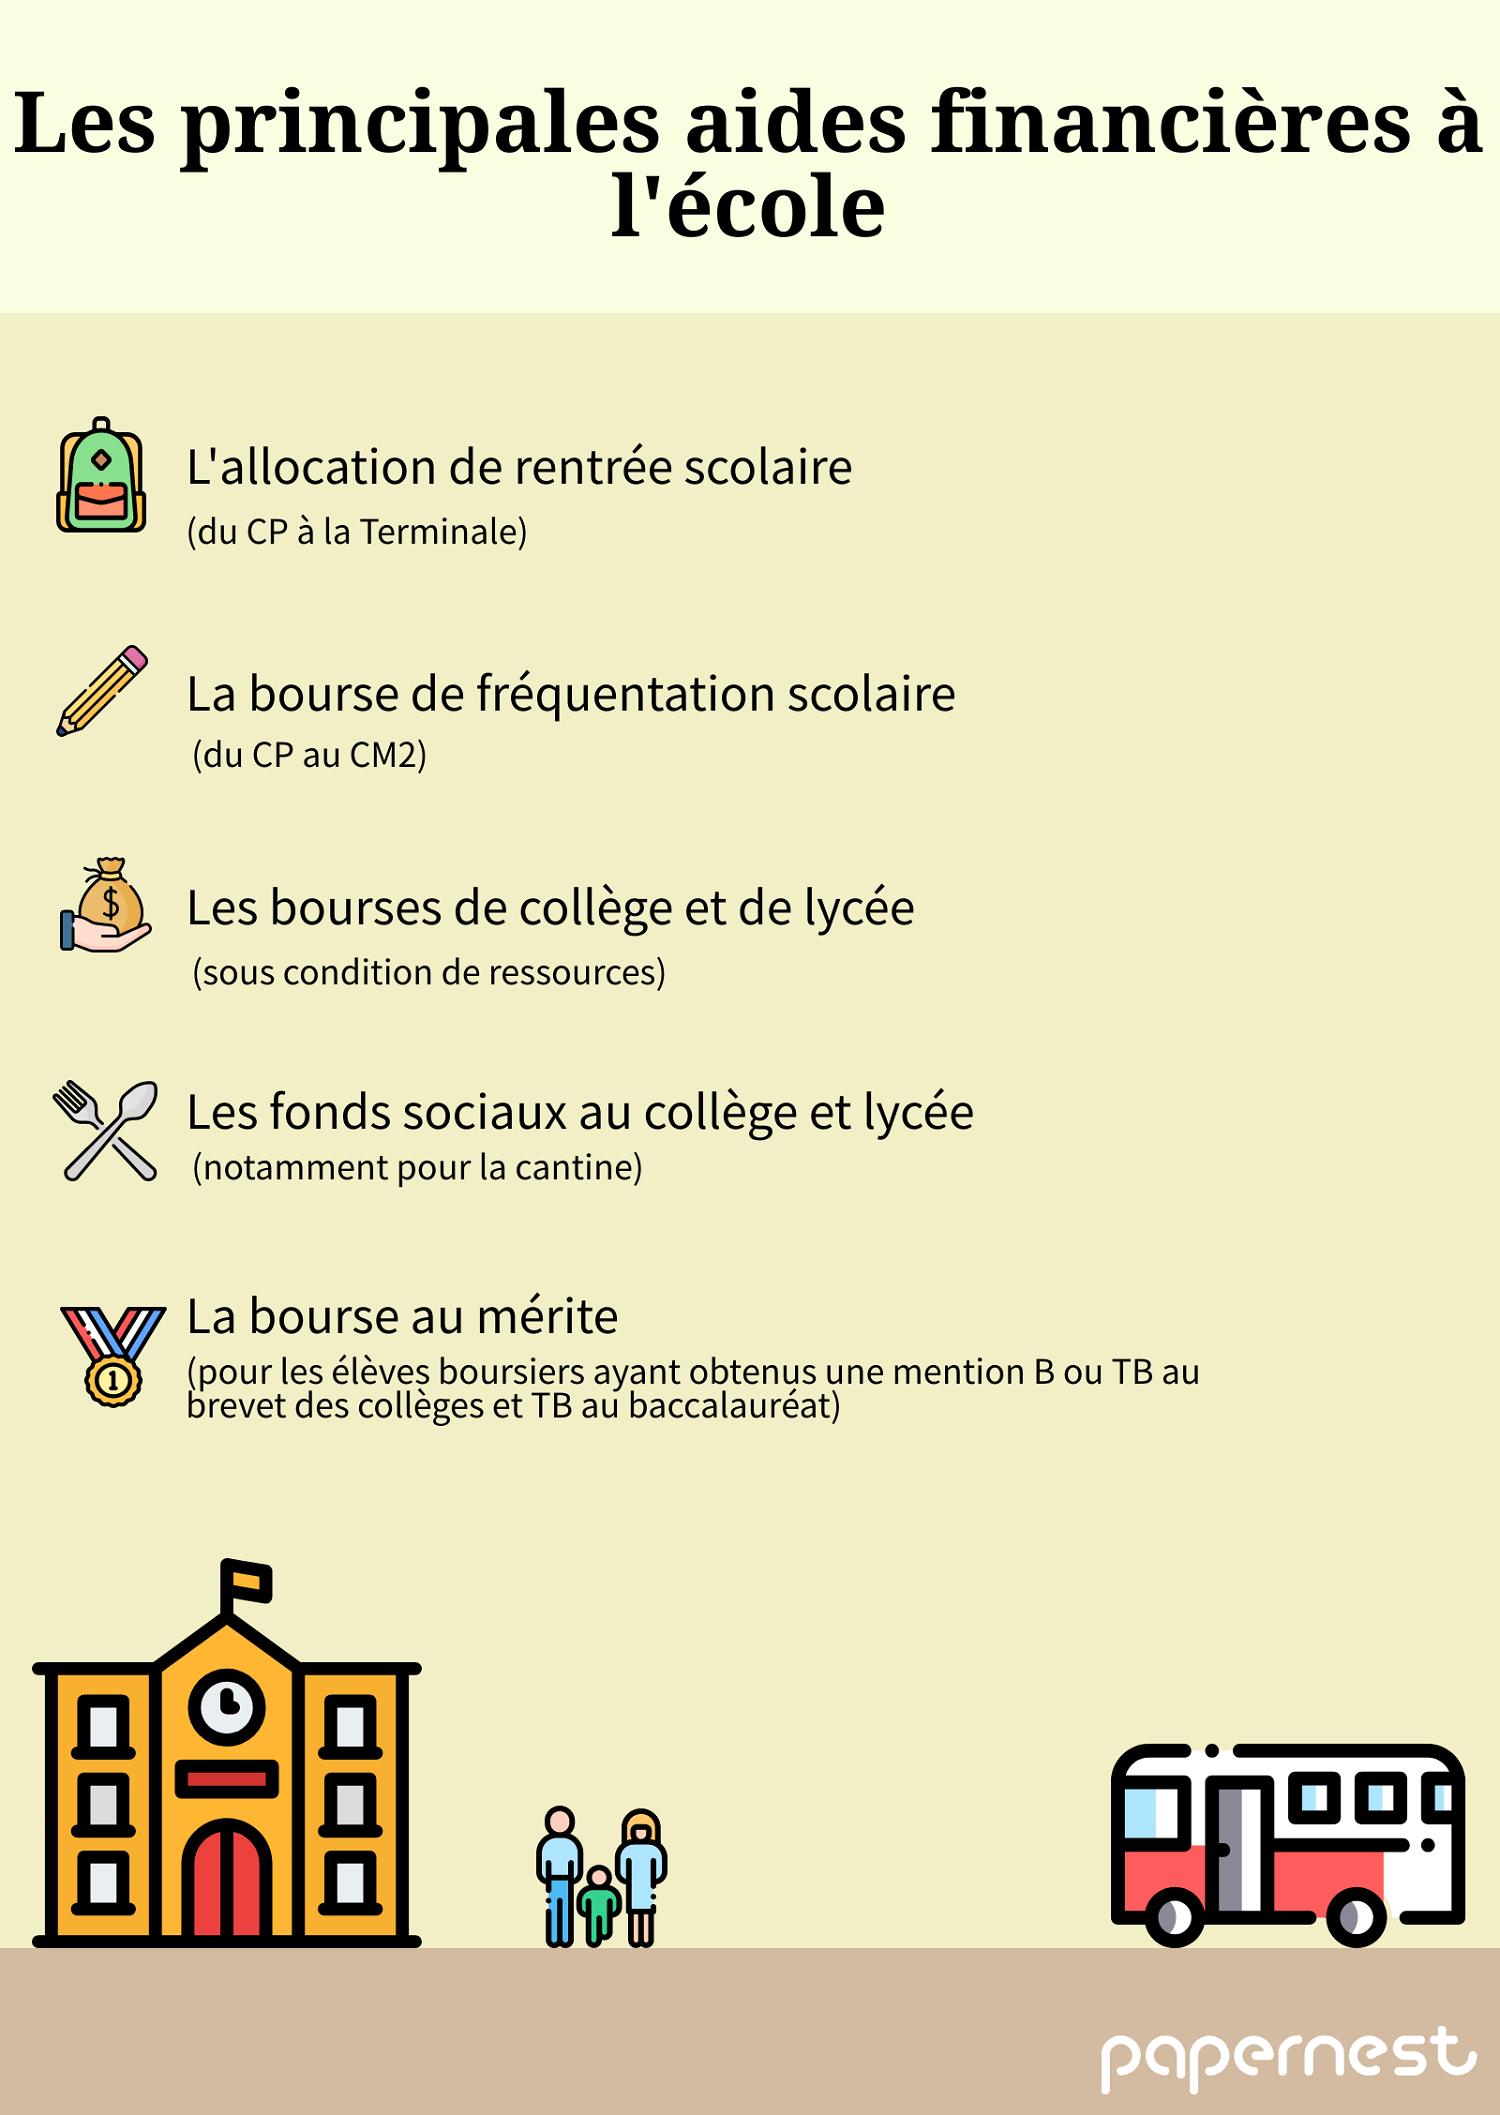 infographie aides financières à l'école